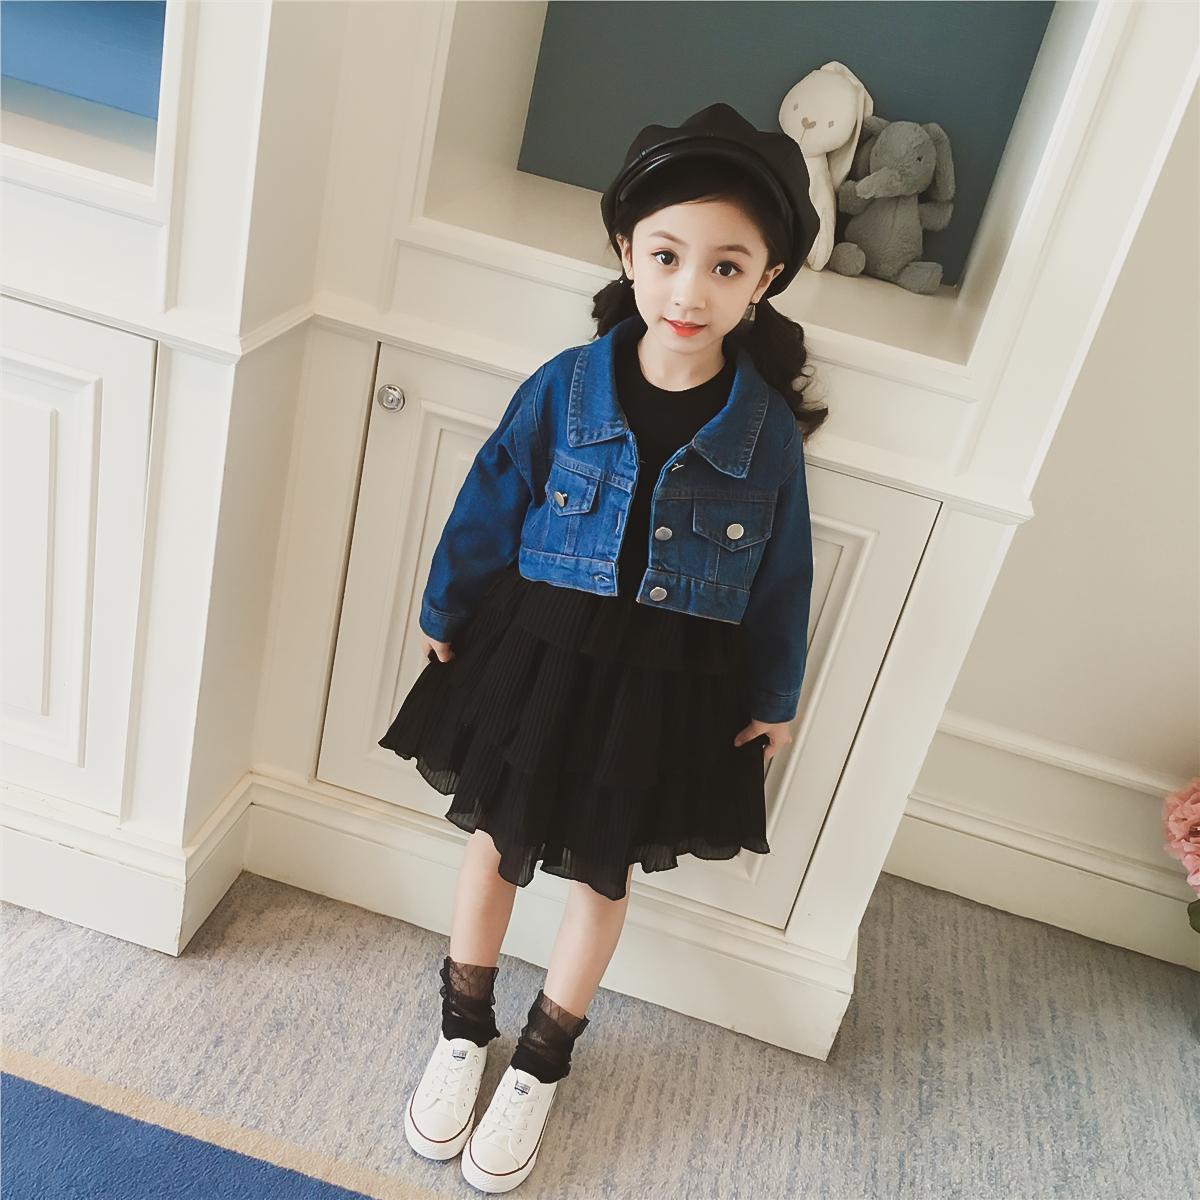 女童秋装2018新款套装韩版马甲牛仔外套+雪纺蛋糕裙连衣裙两件套